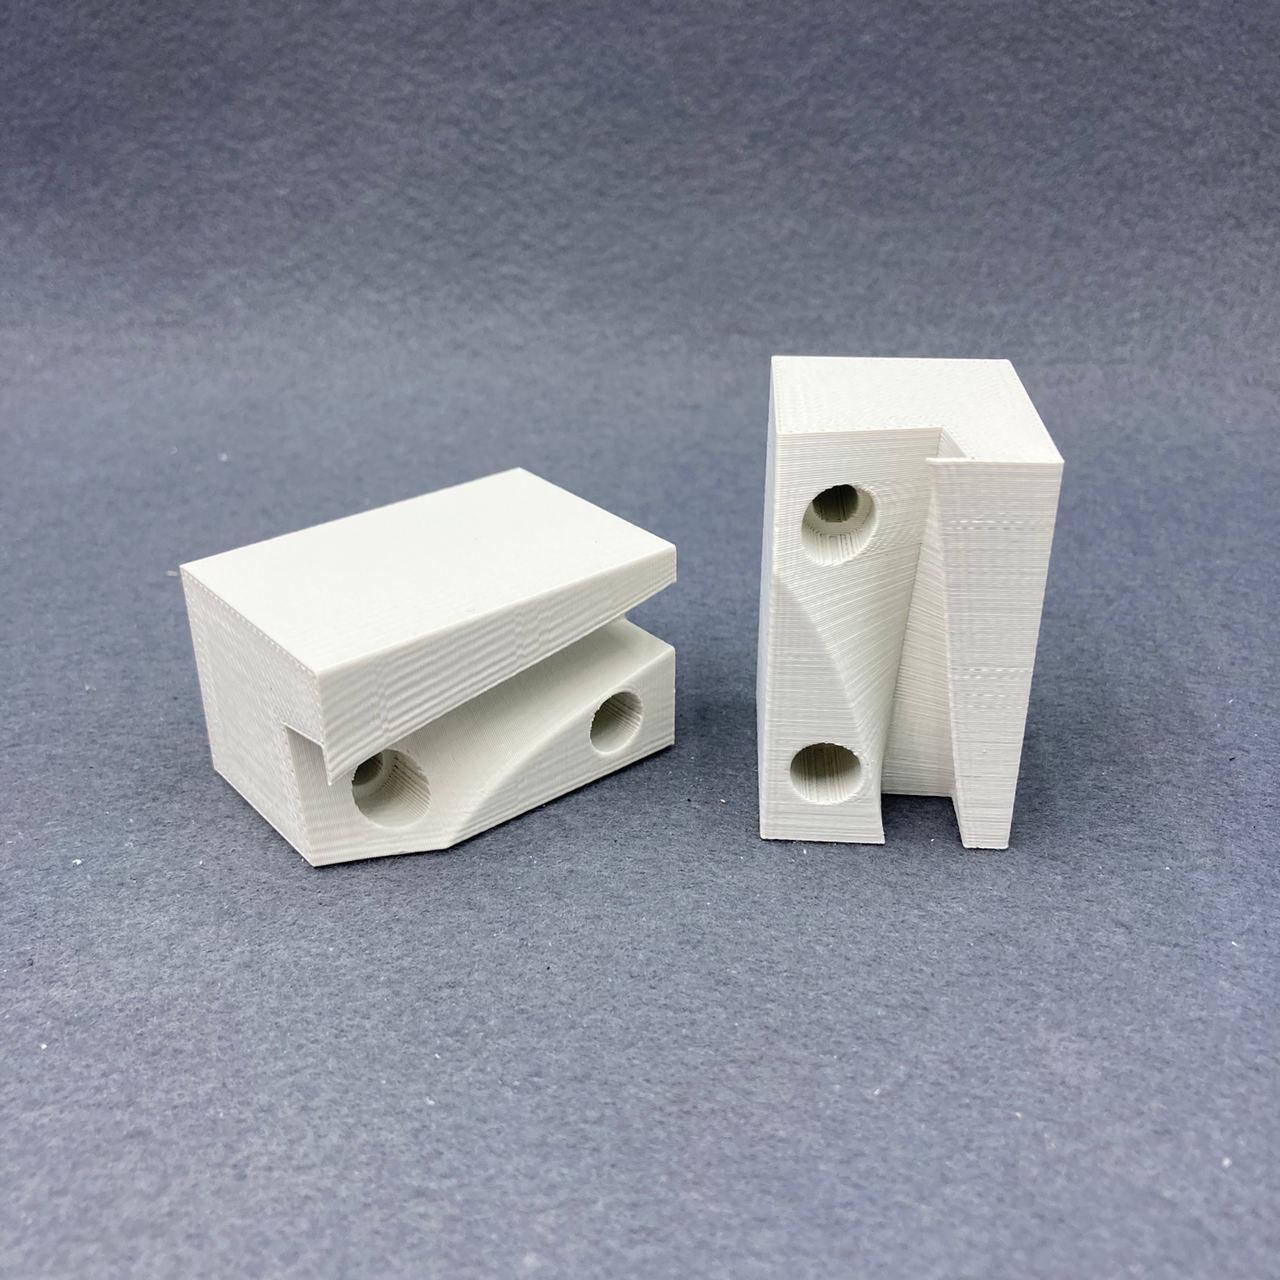 FDM 3D 프린터 출력